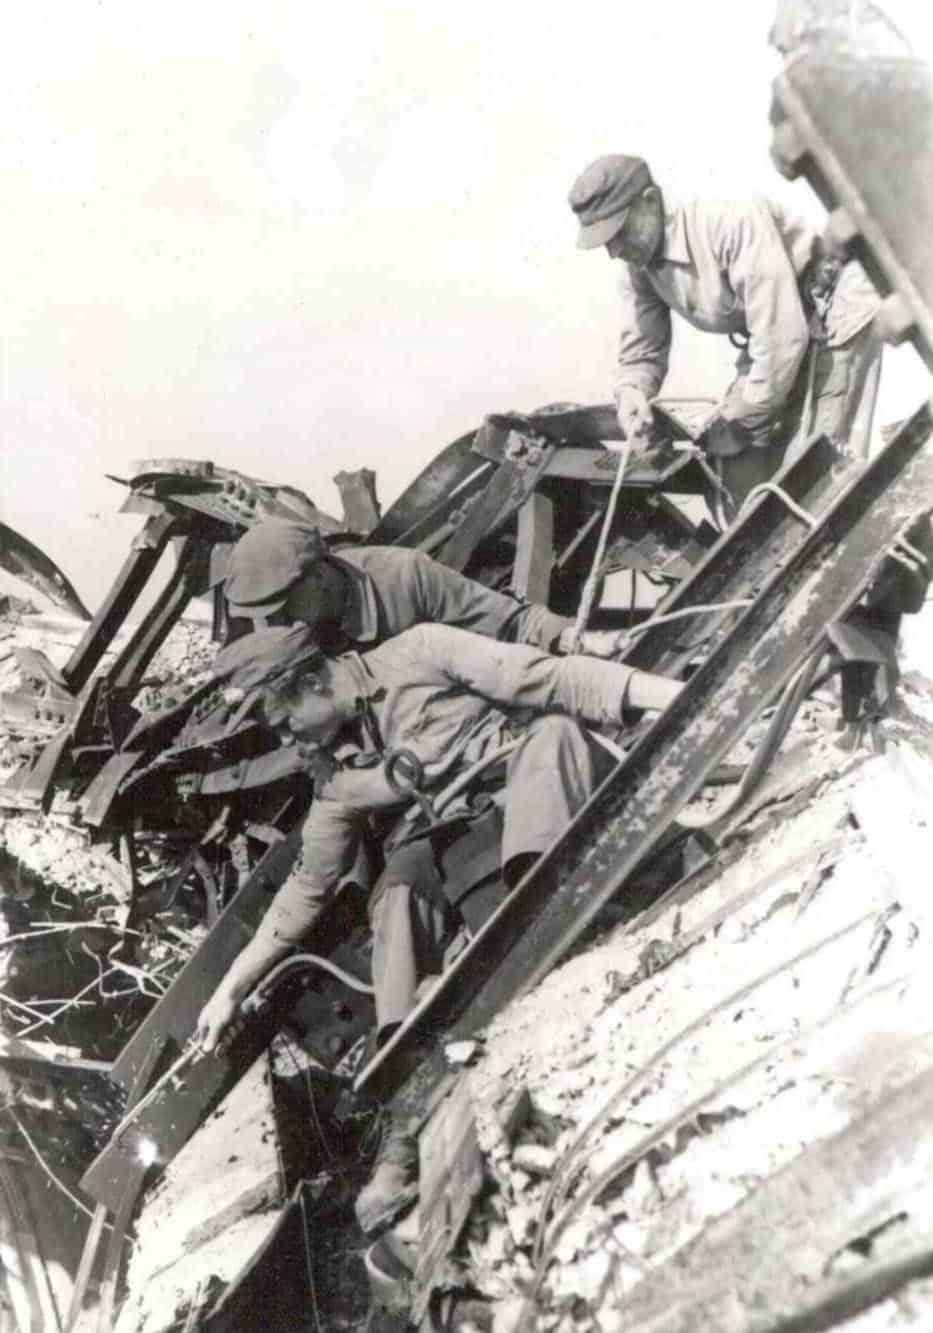 Bauarbeiter beim Abtrennen von Stahlträgern in der Ruine des Berliner Doms